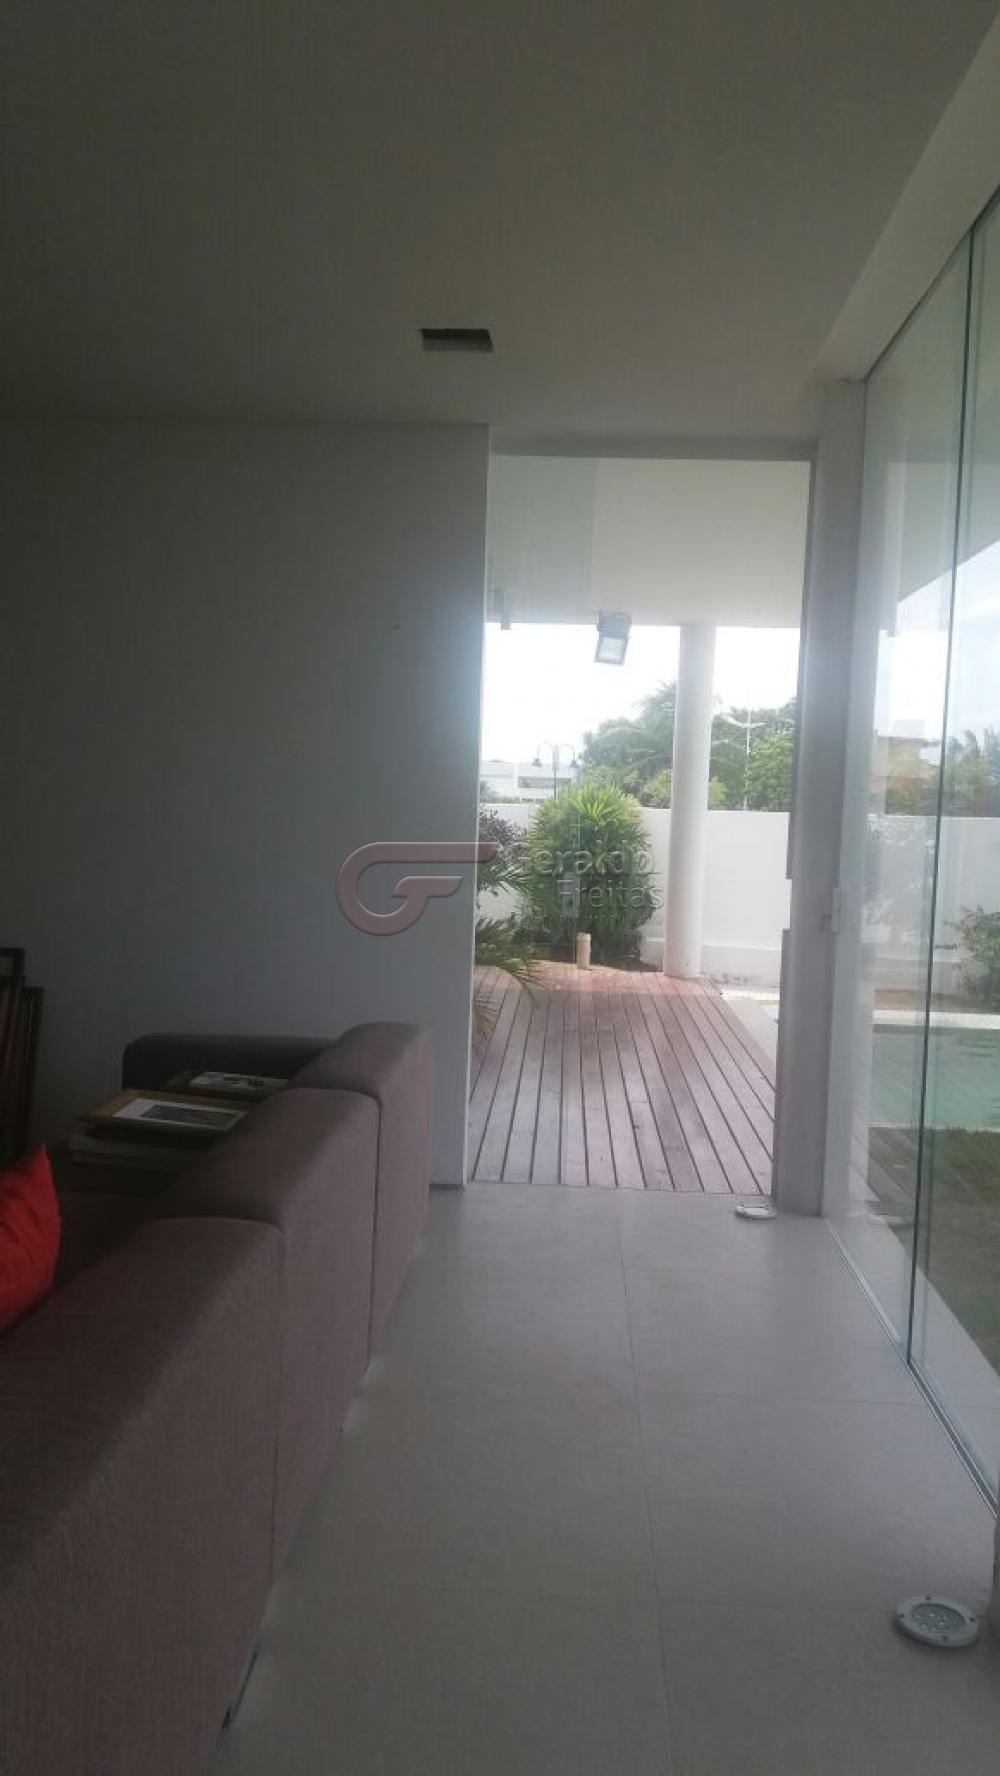 Comprar Casas / Condominio em Marechal Deodoro apenas R$ 2.600.000,00 - Foto 43